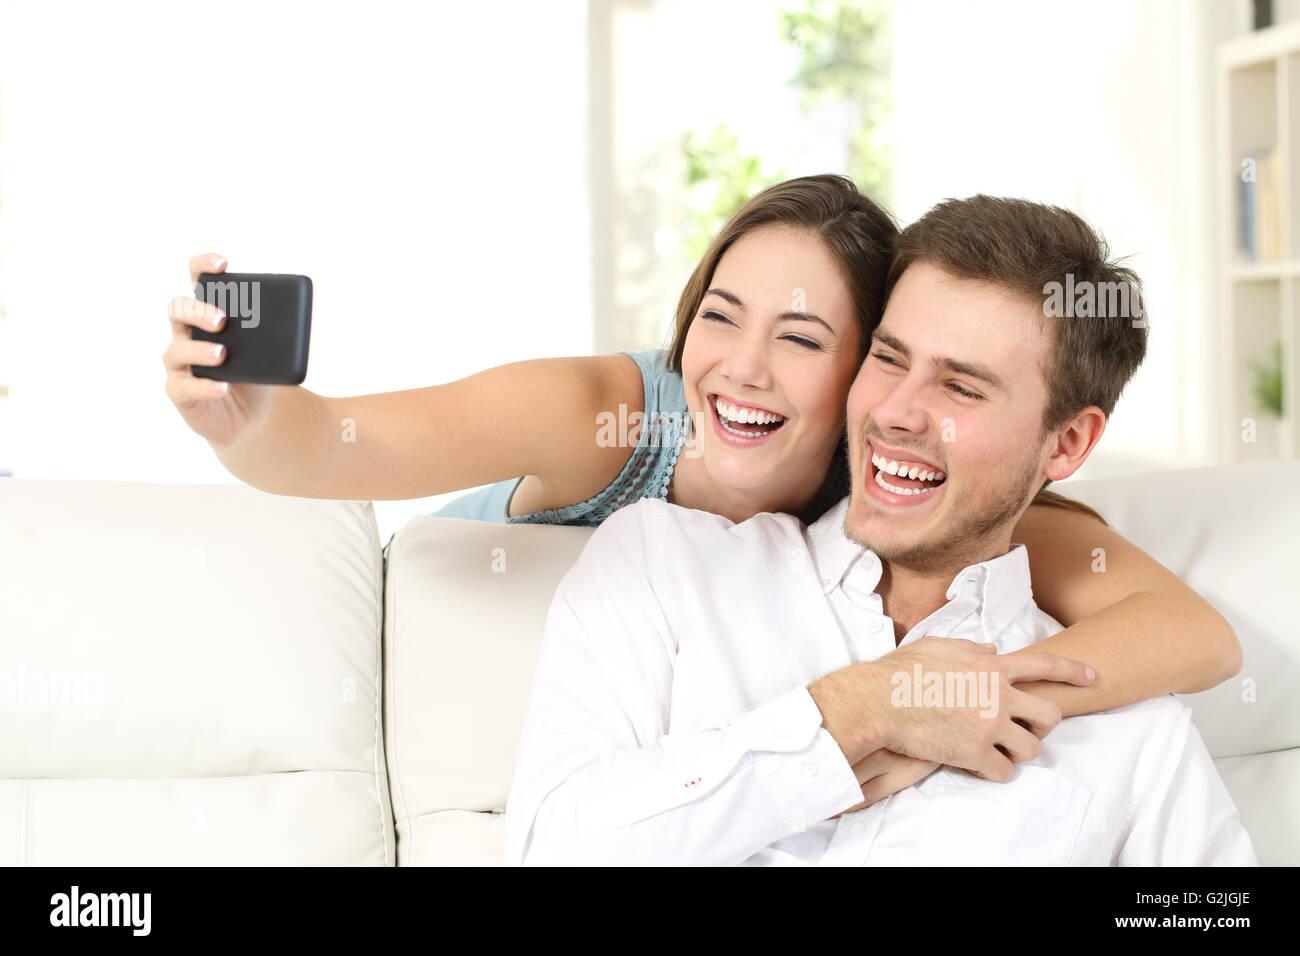 Ehe oder ein paar Lachen und dabei ein Selbstporträt mit Telefon sitzen auf einer Couch zu Hause Stockbild